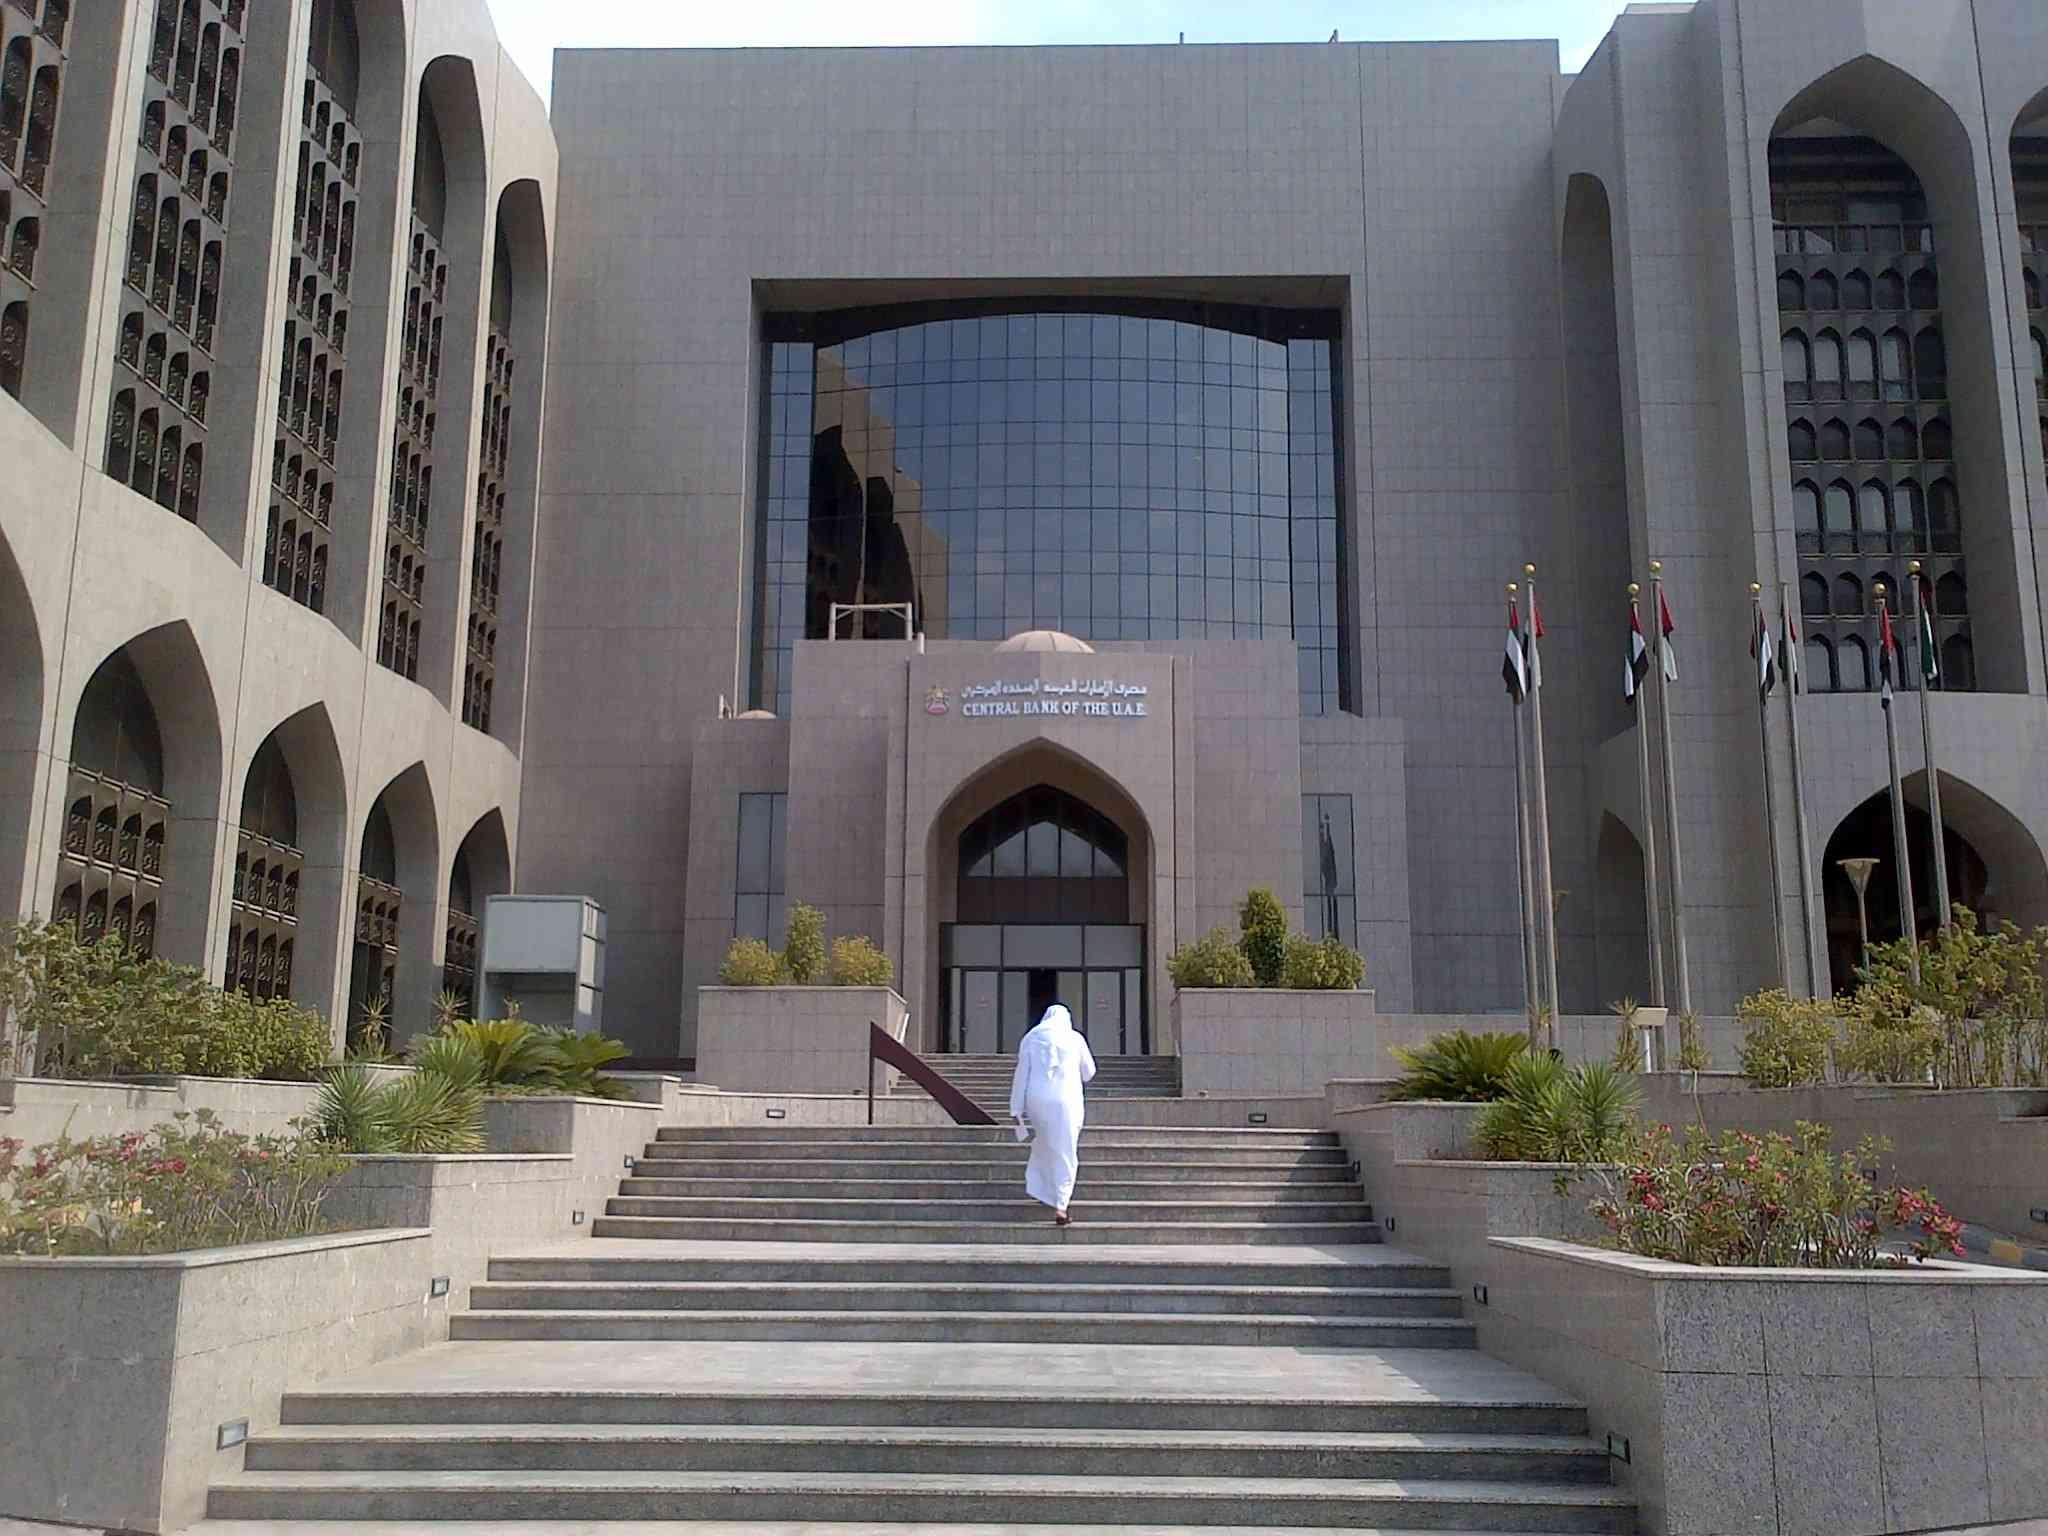 .4 مليار درهم تسهيلات مالية للمشاريع الصغيرة في الإمارات خلال 6 أشهر